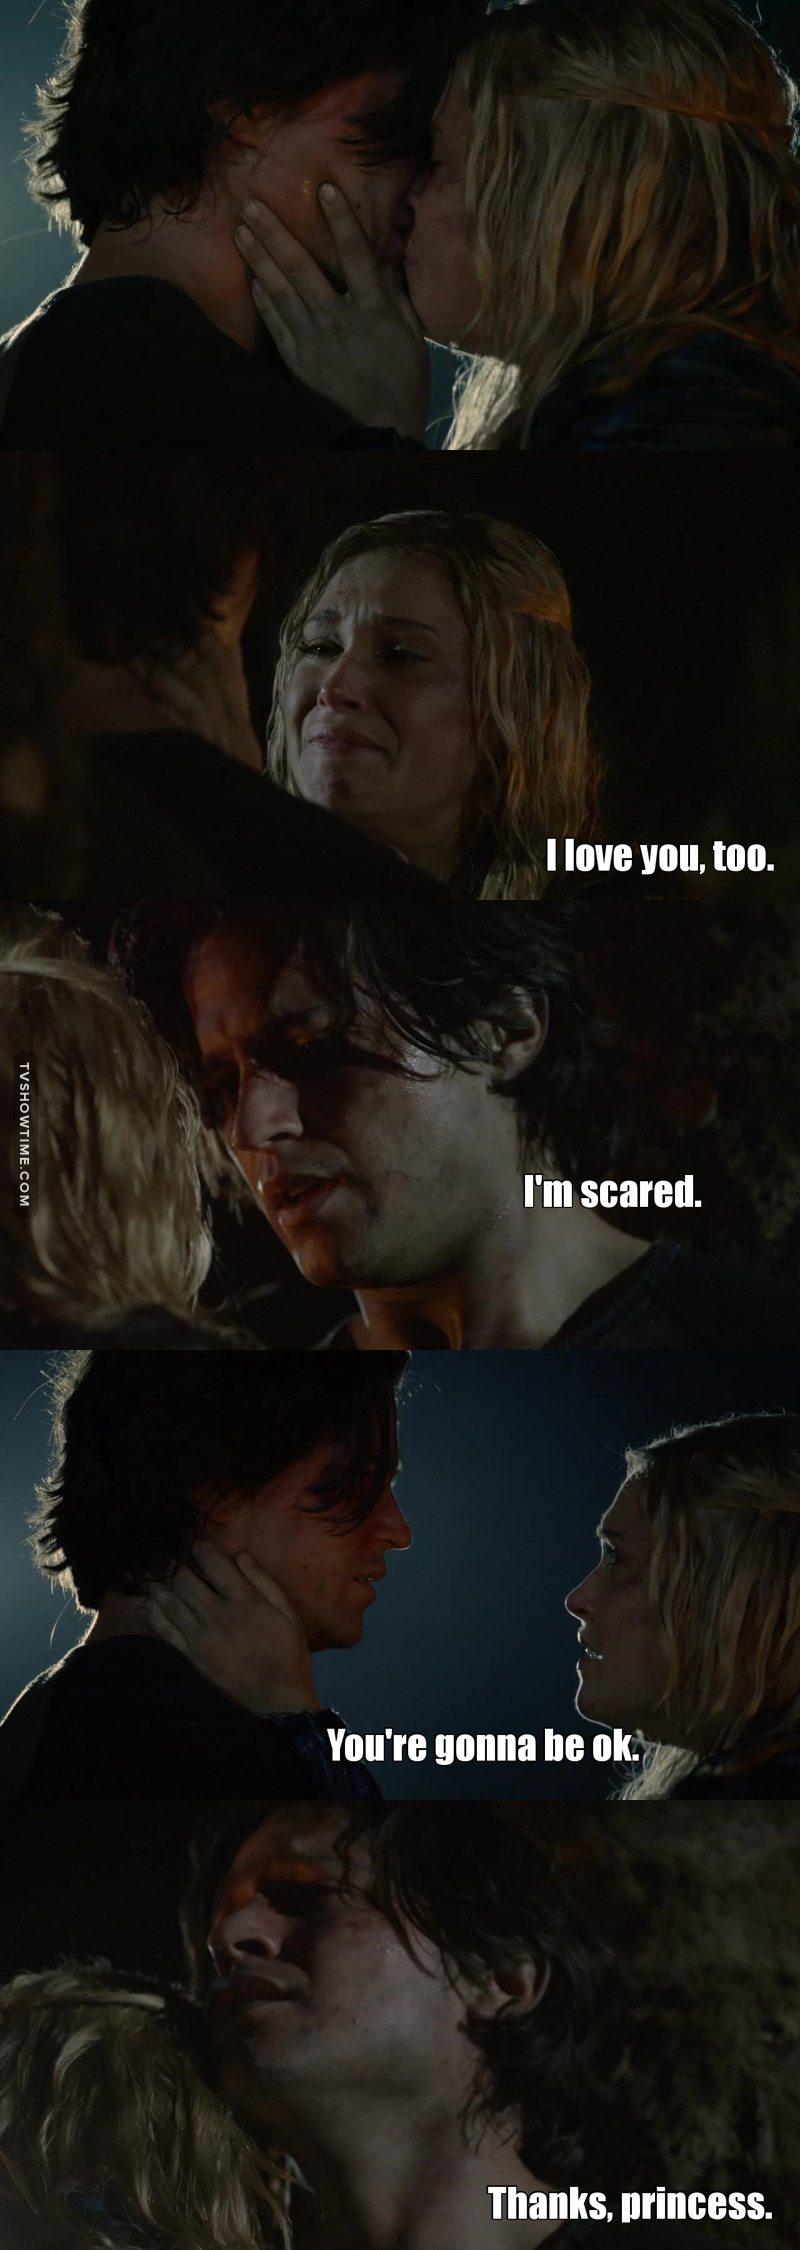 Dio mio. Non mi importa com'era lui o gli errori che ha fatto.. Questa scena mi ha uccisa.